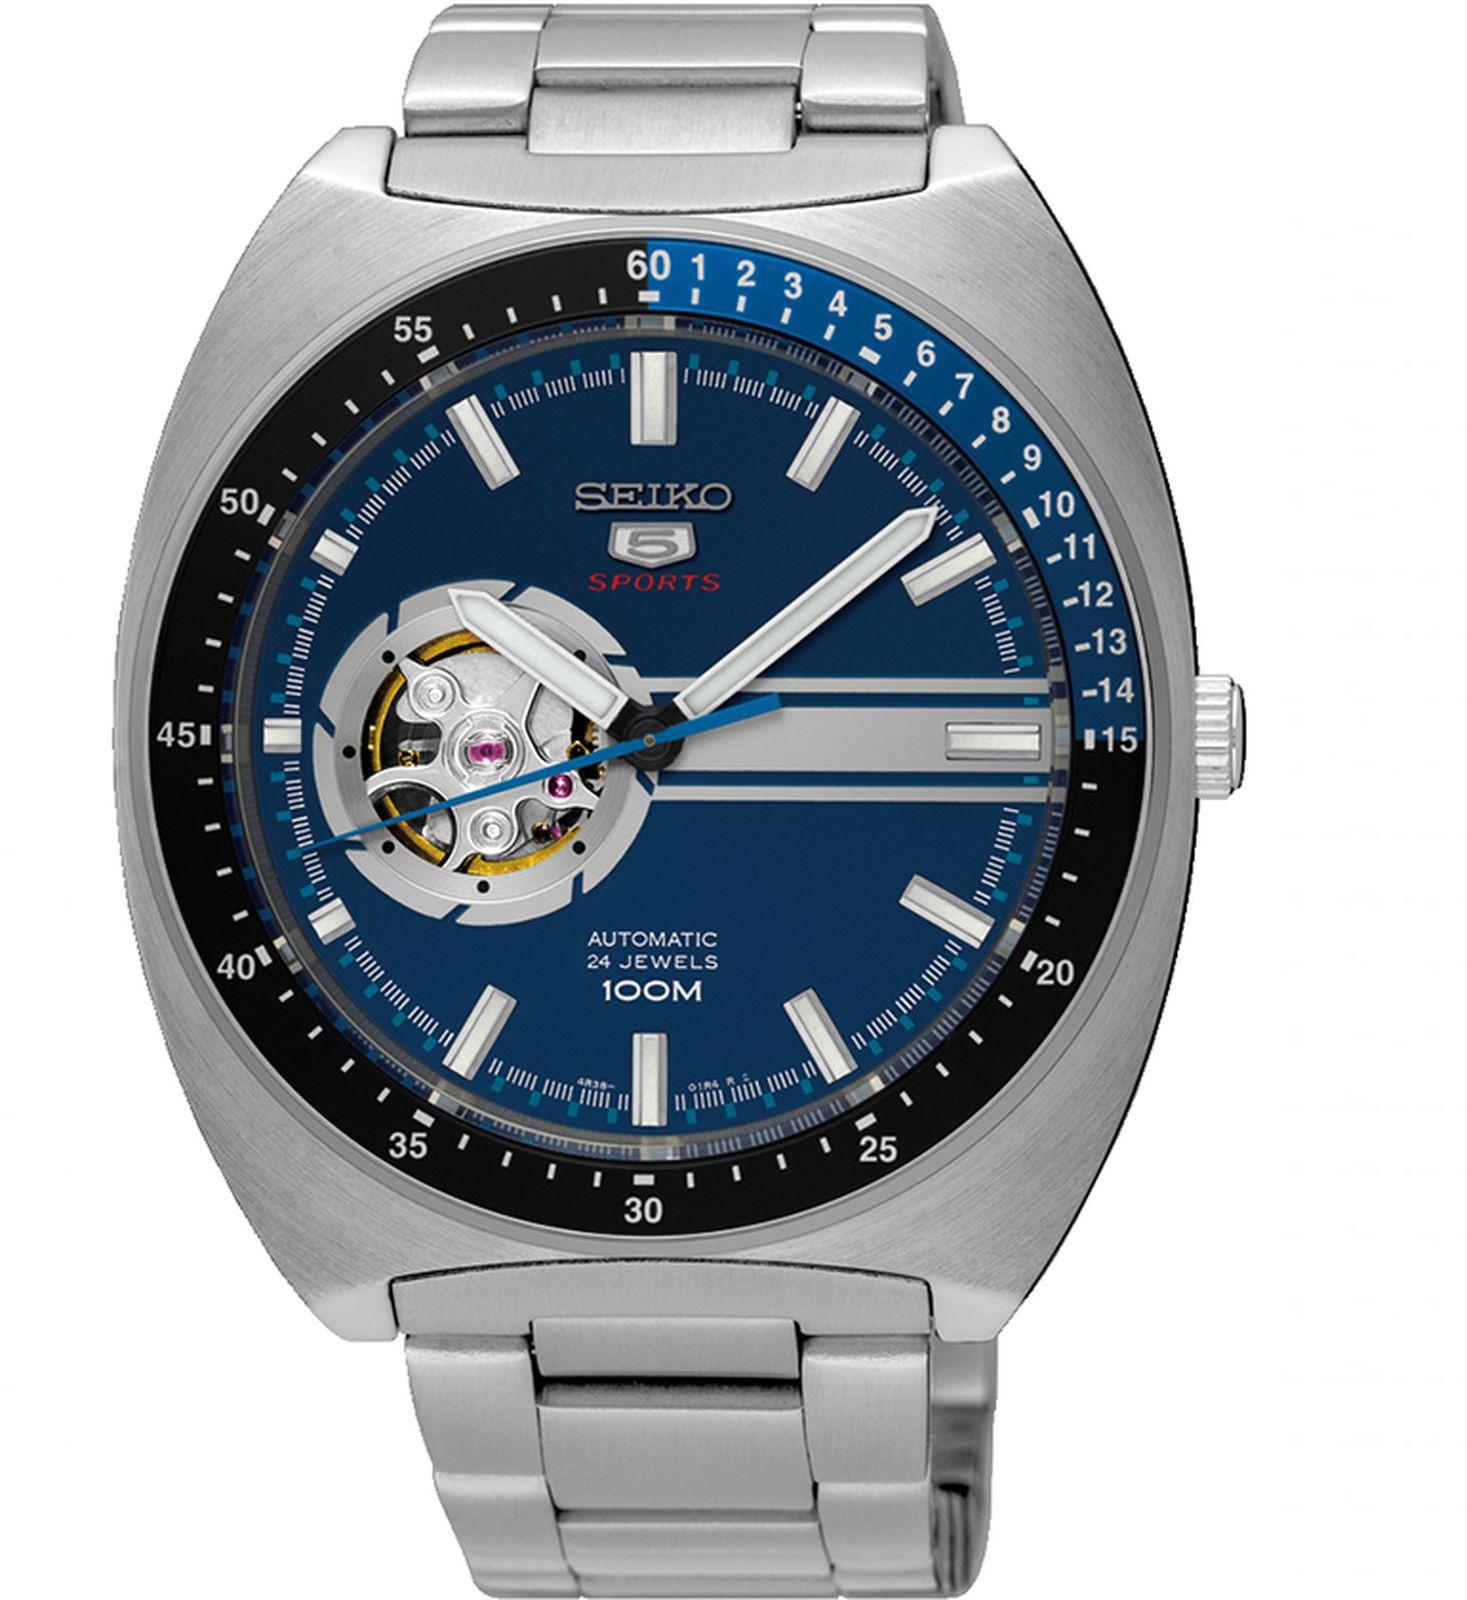 купить Наручные часы Seiko мужские, серебристый по цене 23900 рублей